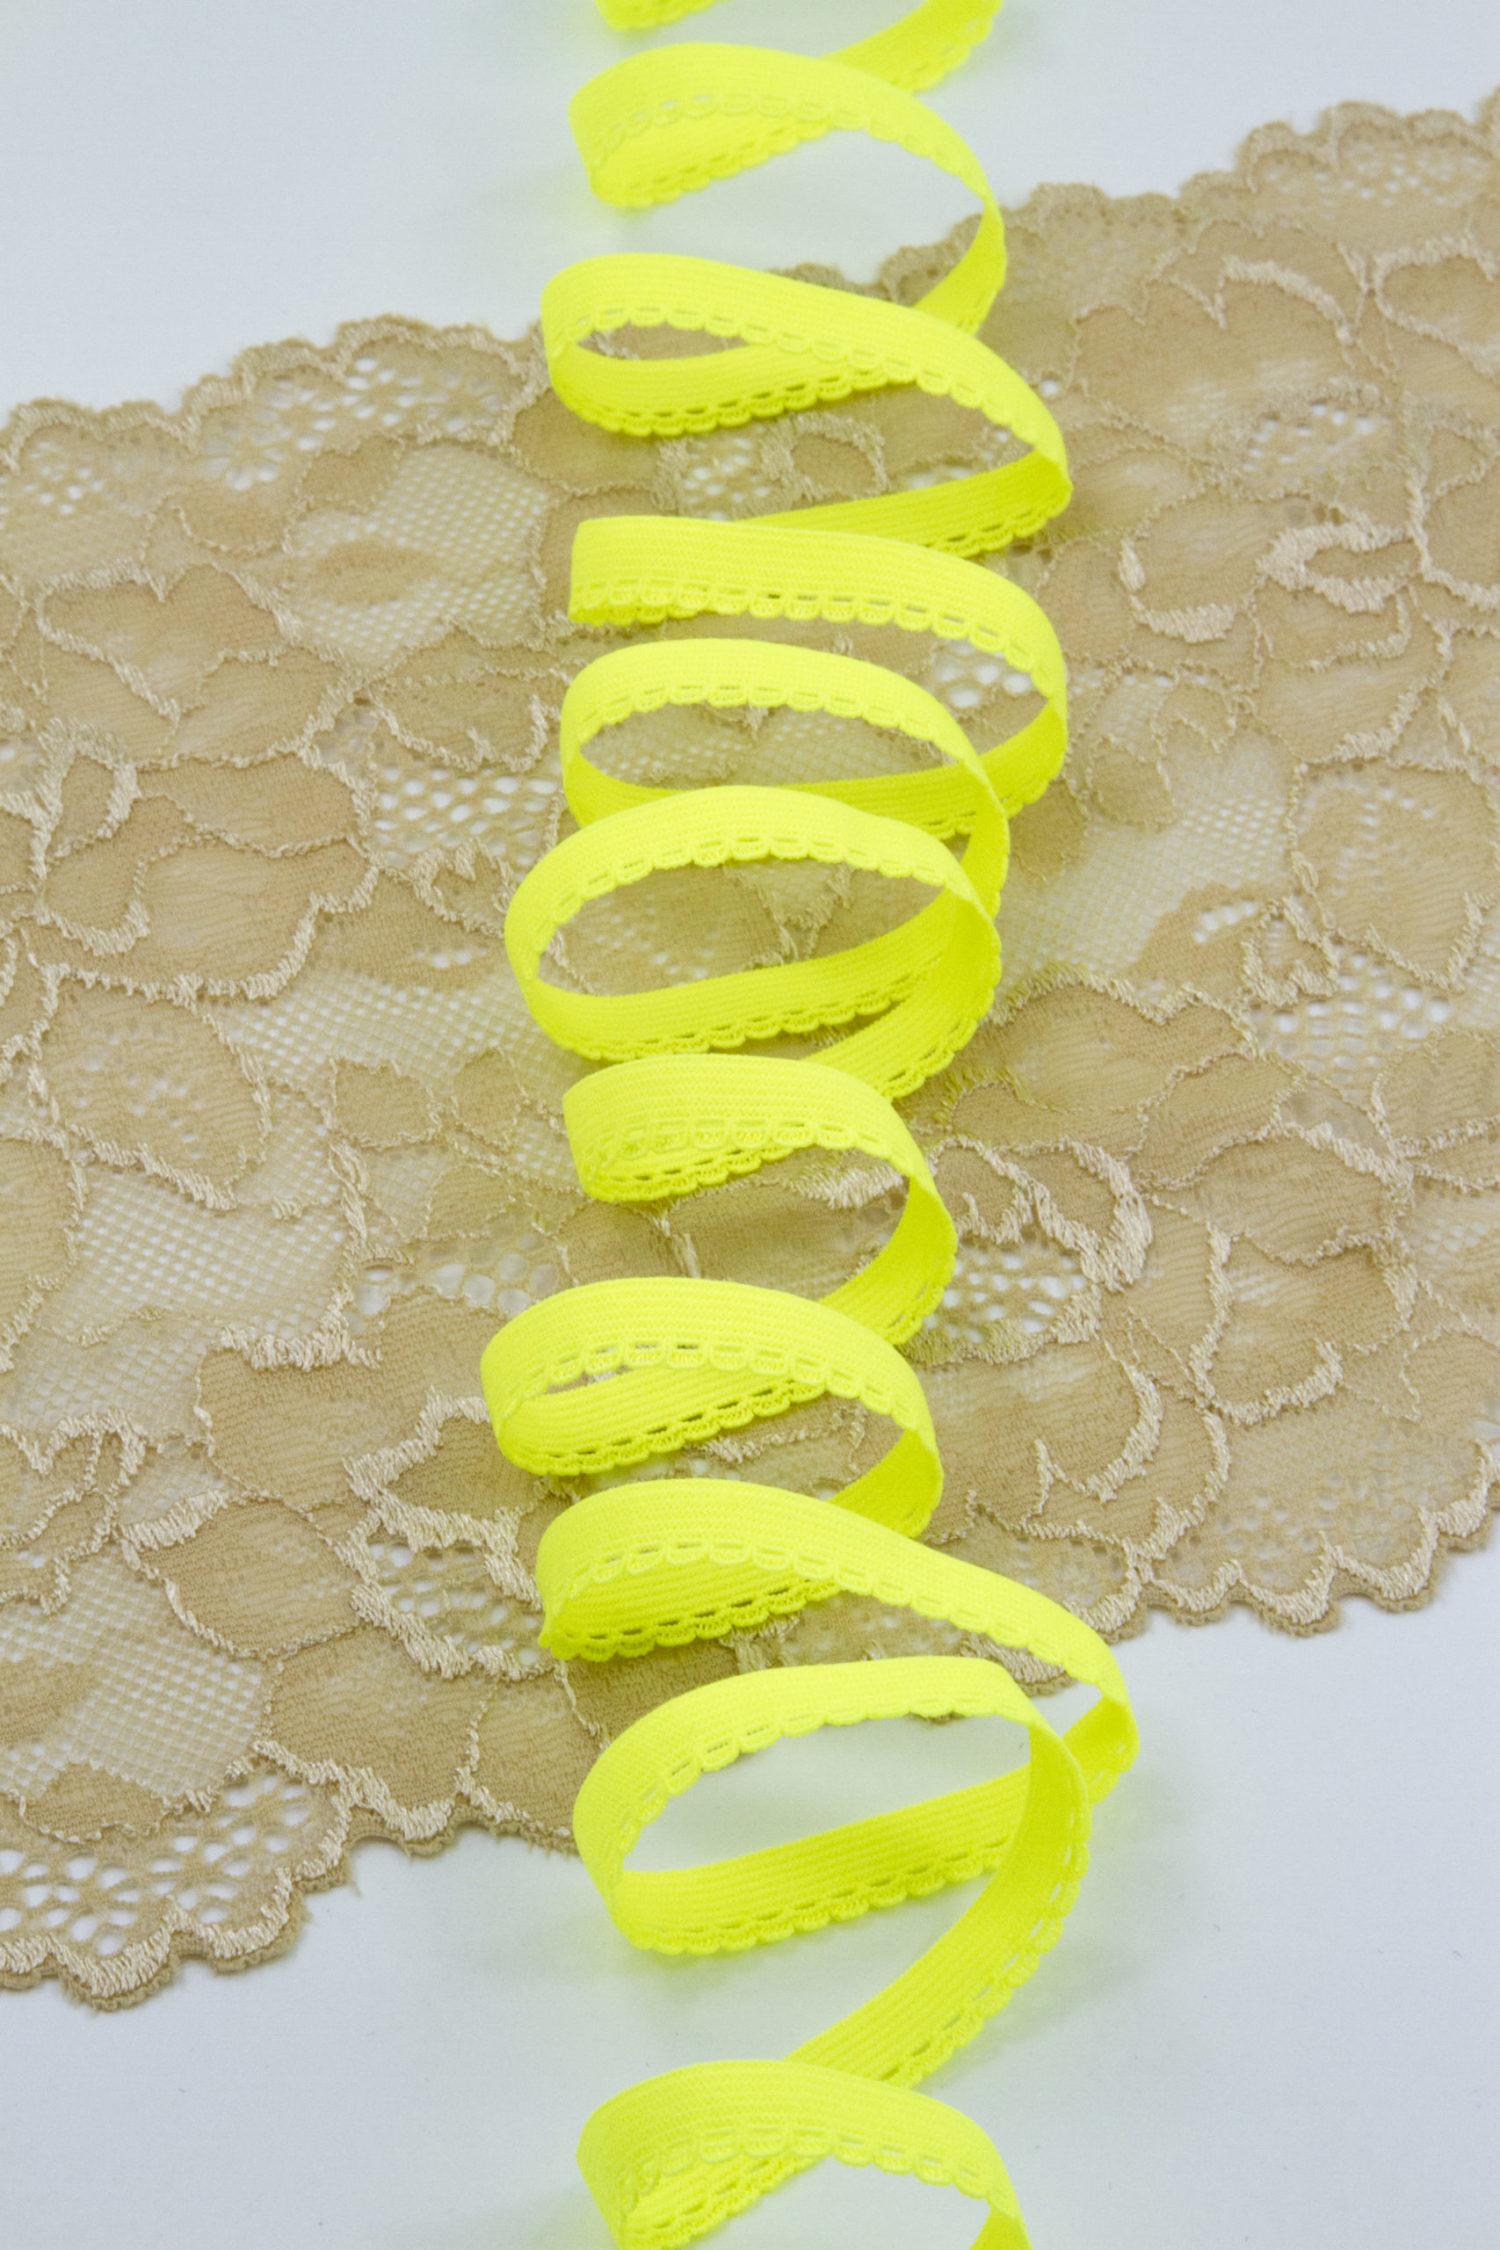 Резинка бельевая ажурная 9 мм лимон-лайм неоновая